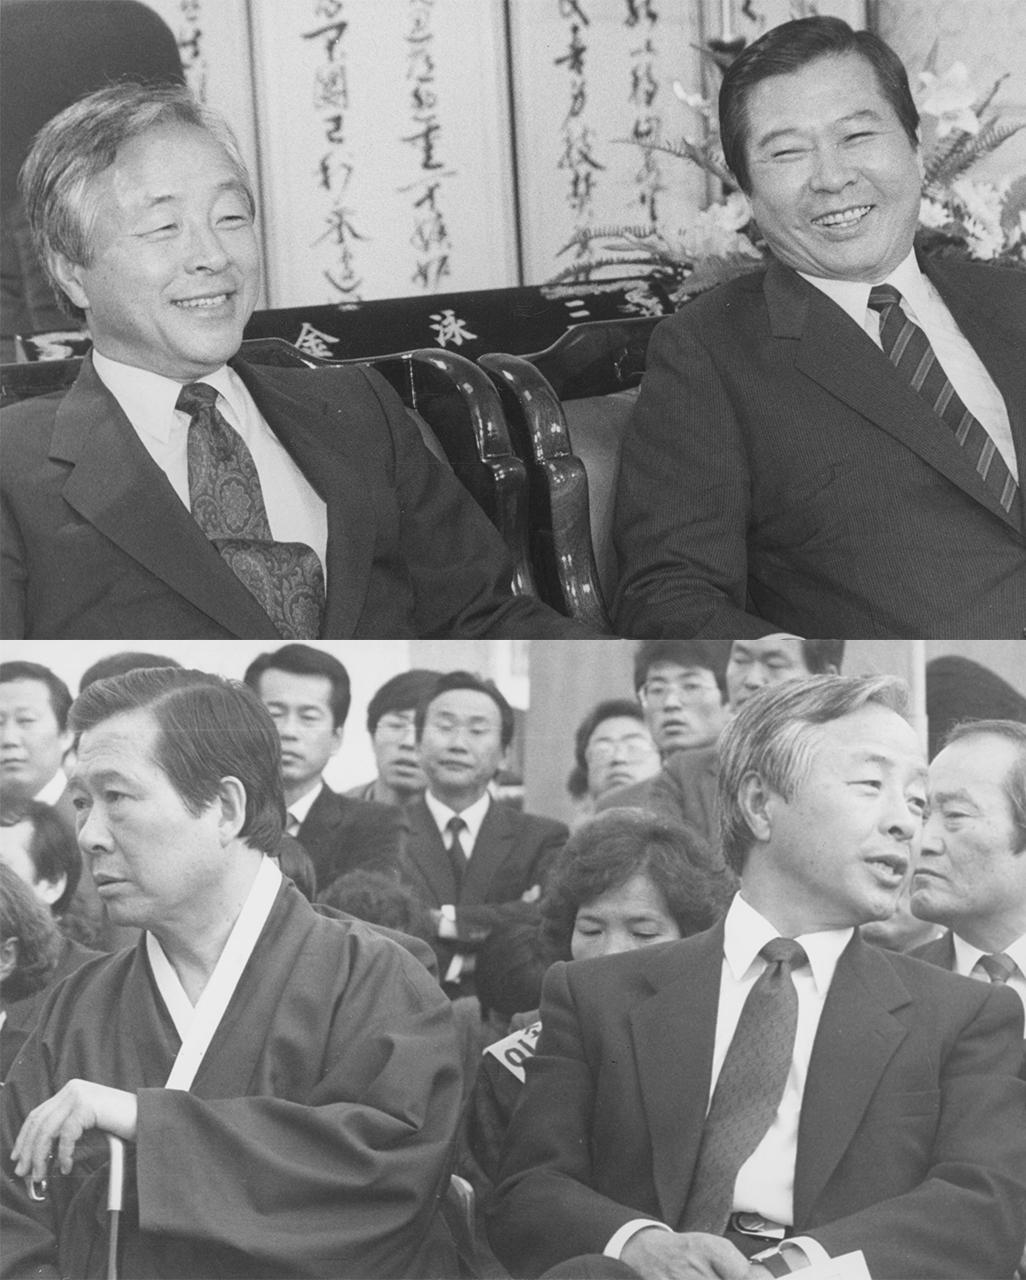 (위)김영삼과 김대중은 9월 1일 서로 웃으면서 대통령 후보 단일화 협의를 했으나 실패했다. (아래)단일화 협상이 결렬된 후 처음 만난 10월 25일 고려대 집회 자리에서는 냉랭한 사이가 되고 말았다.